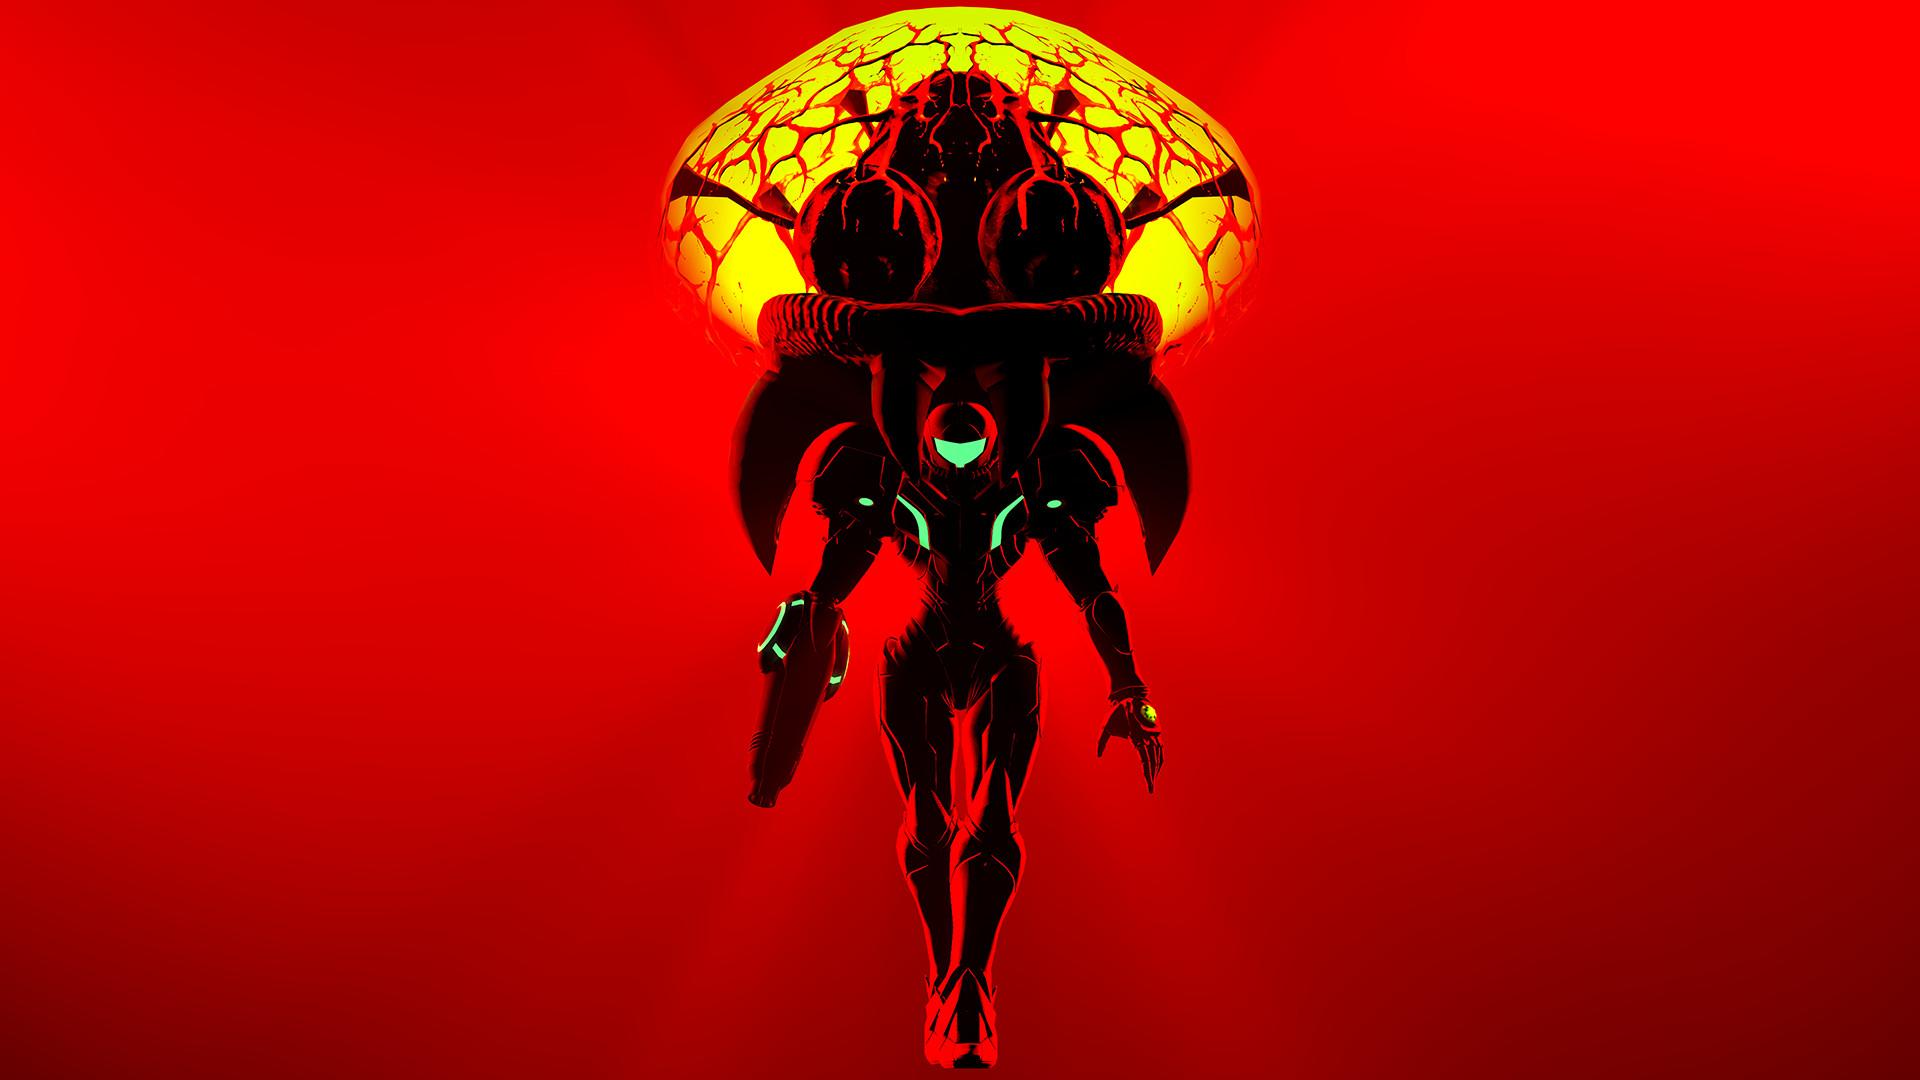 Sci Fi Wallpaper Hd Metroid Phone Wallpaper 65 Images